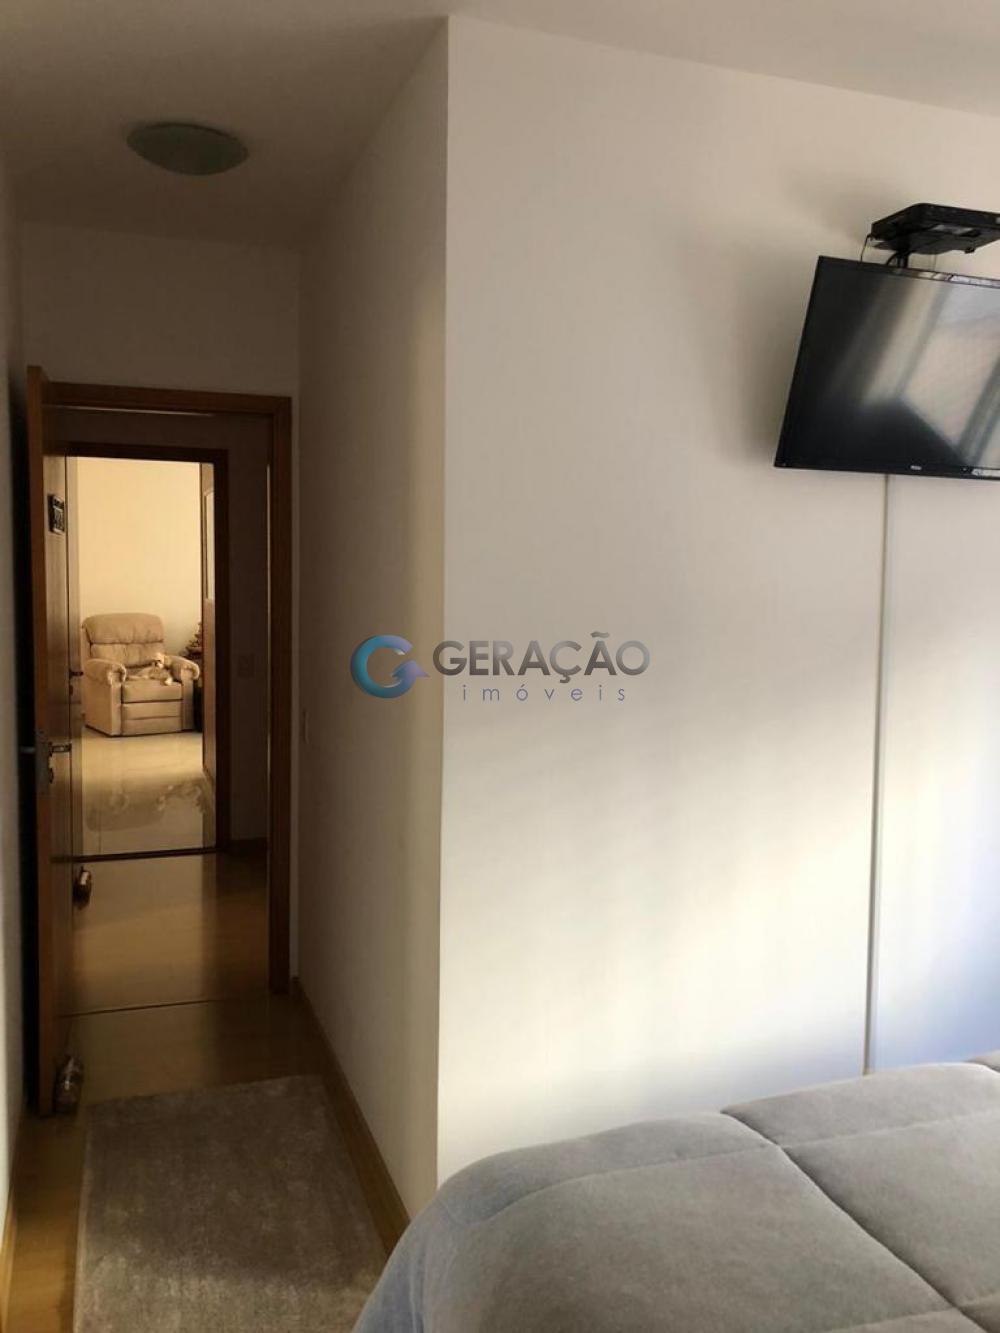 Comprar Apartamento / Padrão em São Paulo apenas R$ 1.300.000,00 - Foto 24